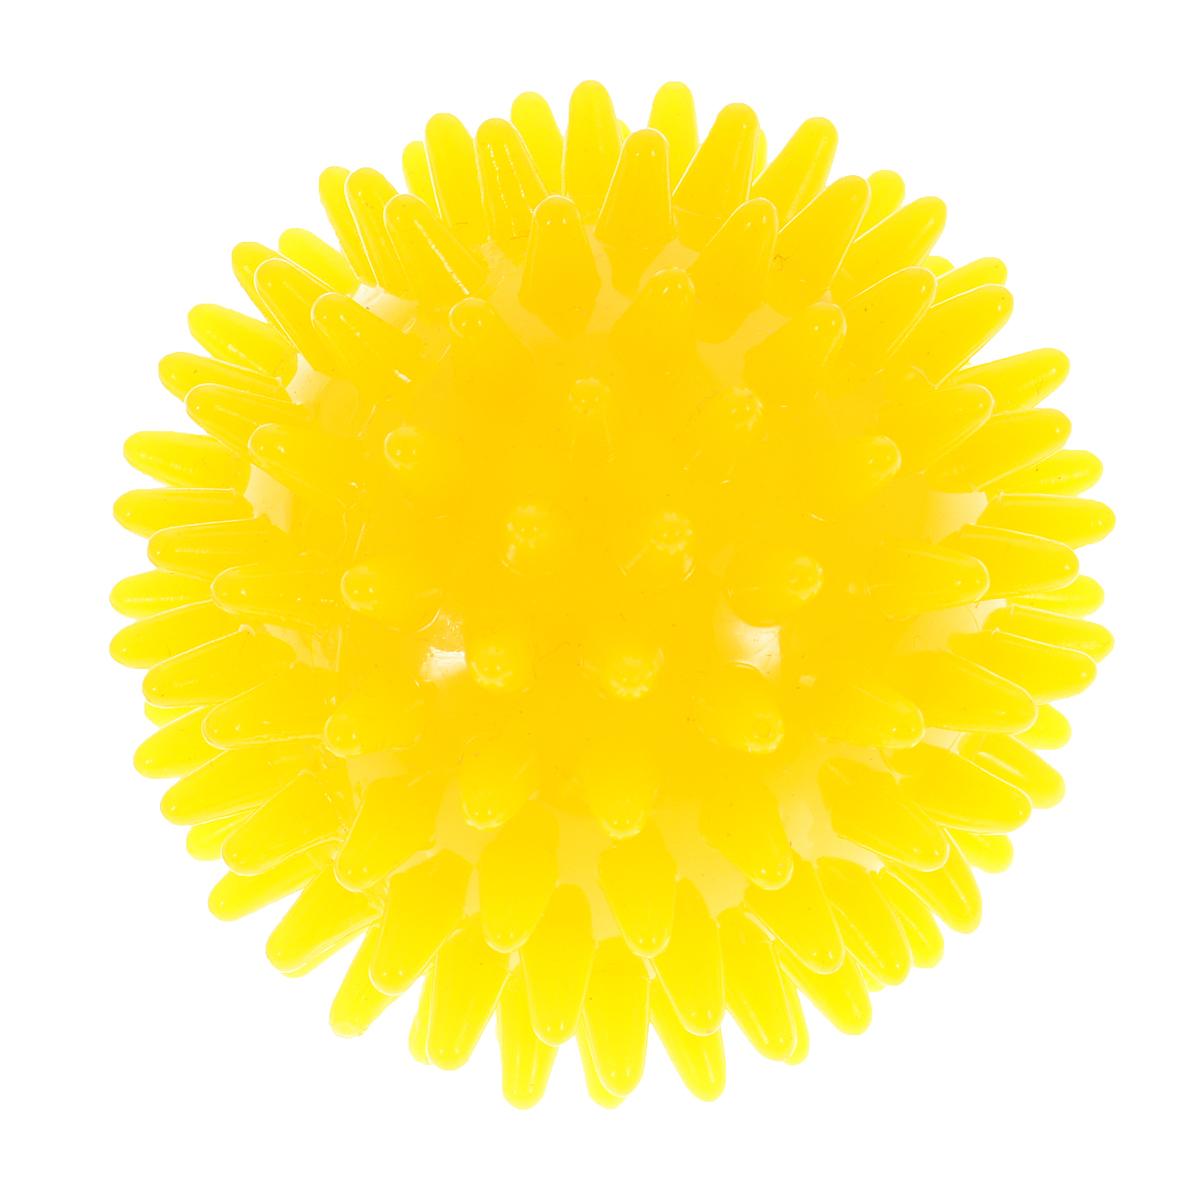 Игрушка для собак V.I.Pet Массажный мяч, цвет: желтый, диаметр 7 см0120710Игрушка для собак V.I.Pet Массажный мяч, изготовленная из ПВХ, предназначена для массажа и самомассажа рефлексогенных зон. Она имеет мягкие закругленные массажные шипы, эффективно массирующие и не травмирующие кожу. Игрушка не позволит скучать вашему питомцу ни дома, ни на улице.Диаметр: 7 см.